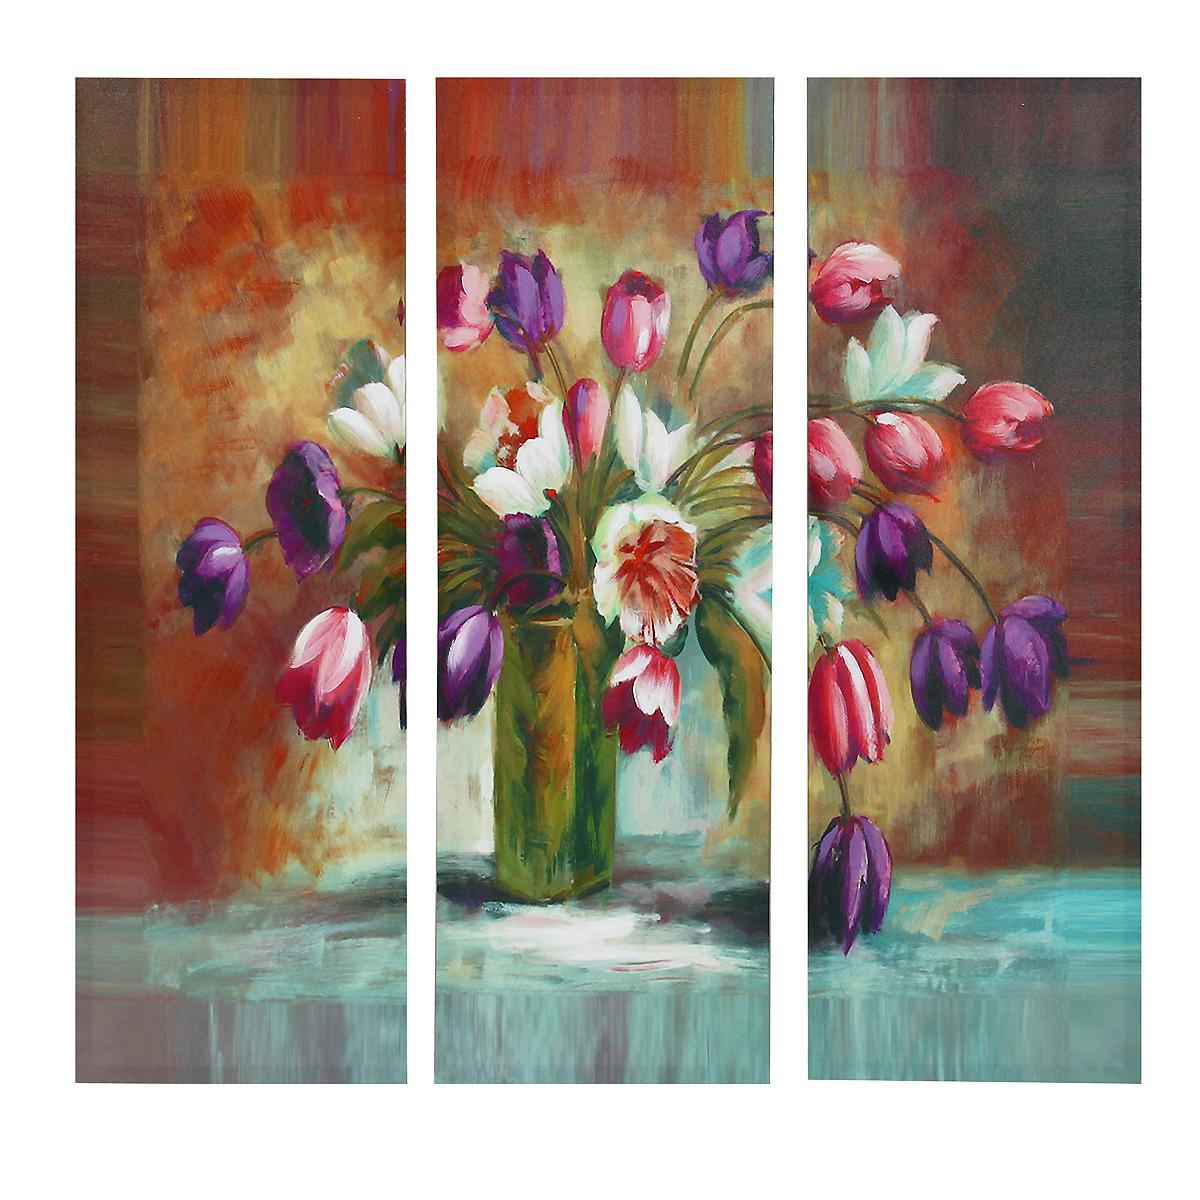 Картина-репродукция без рамки Тюльпаны, 78 х 80 х 2,5 см 3603236032Картина-репродукция без рамки Тюльпаны выполнена из натуральной древесины. Техника выполнения - масляная печать на холсте с ручной подрисовкой. Картина состоит из трех частей с красочным изображением разноцветных тюльпанов. Такая картина - вдохновляющее декоративное решение, привносящее в интерьер нотки творчества и изысканности! Благодаря оригинальному дизайну картина дополнит интерьер любого помещения, а также сможет стать изысканным подарком для ваших друзей и близких.